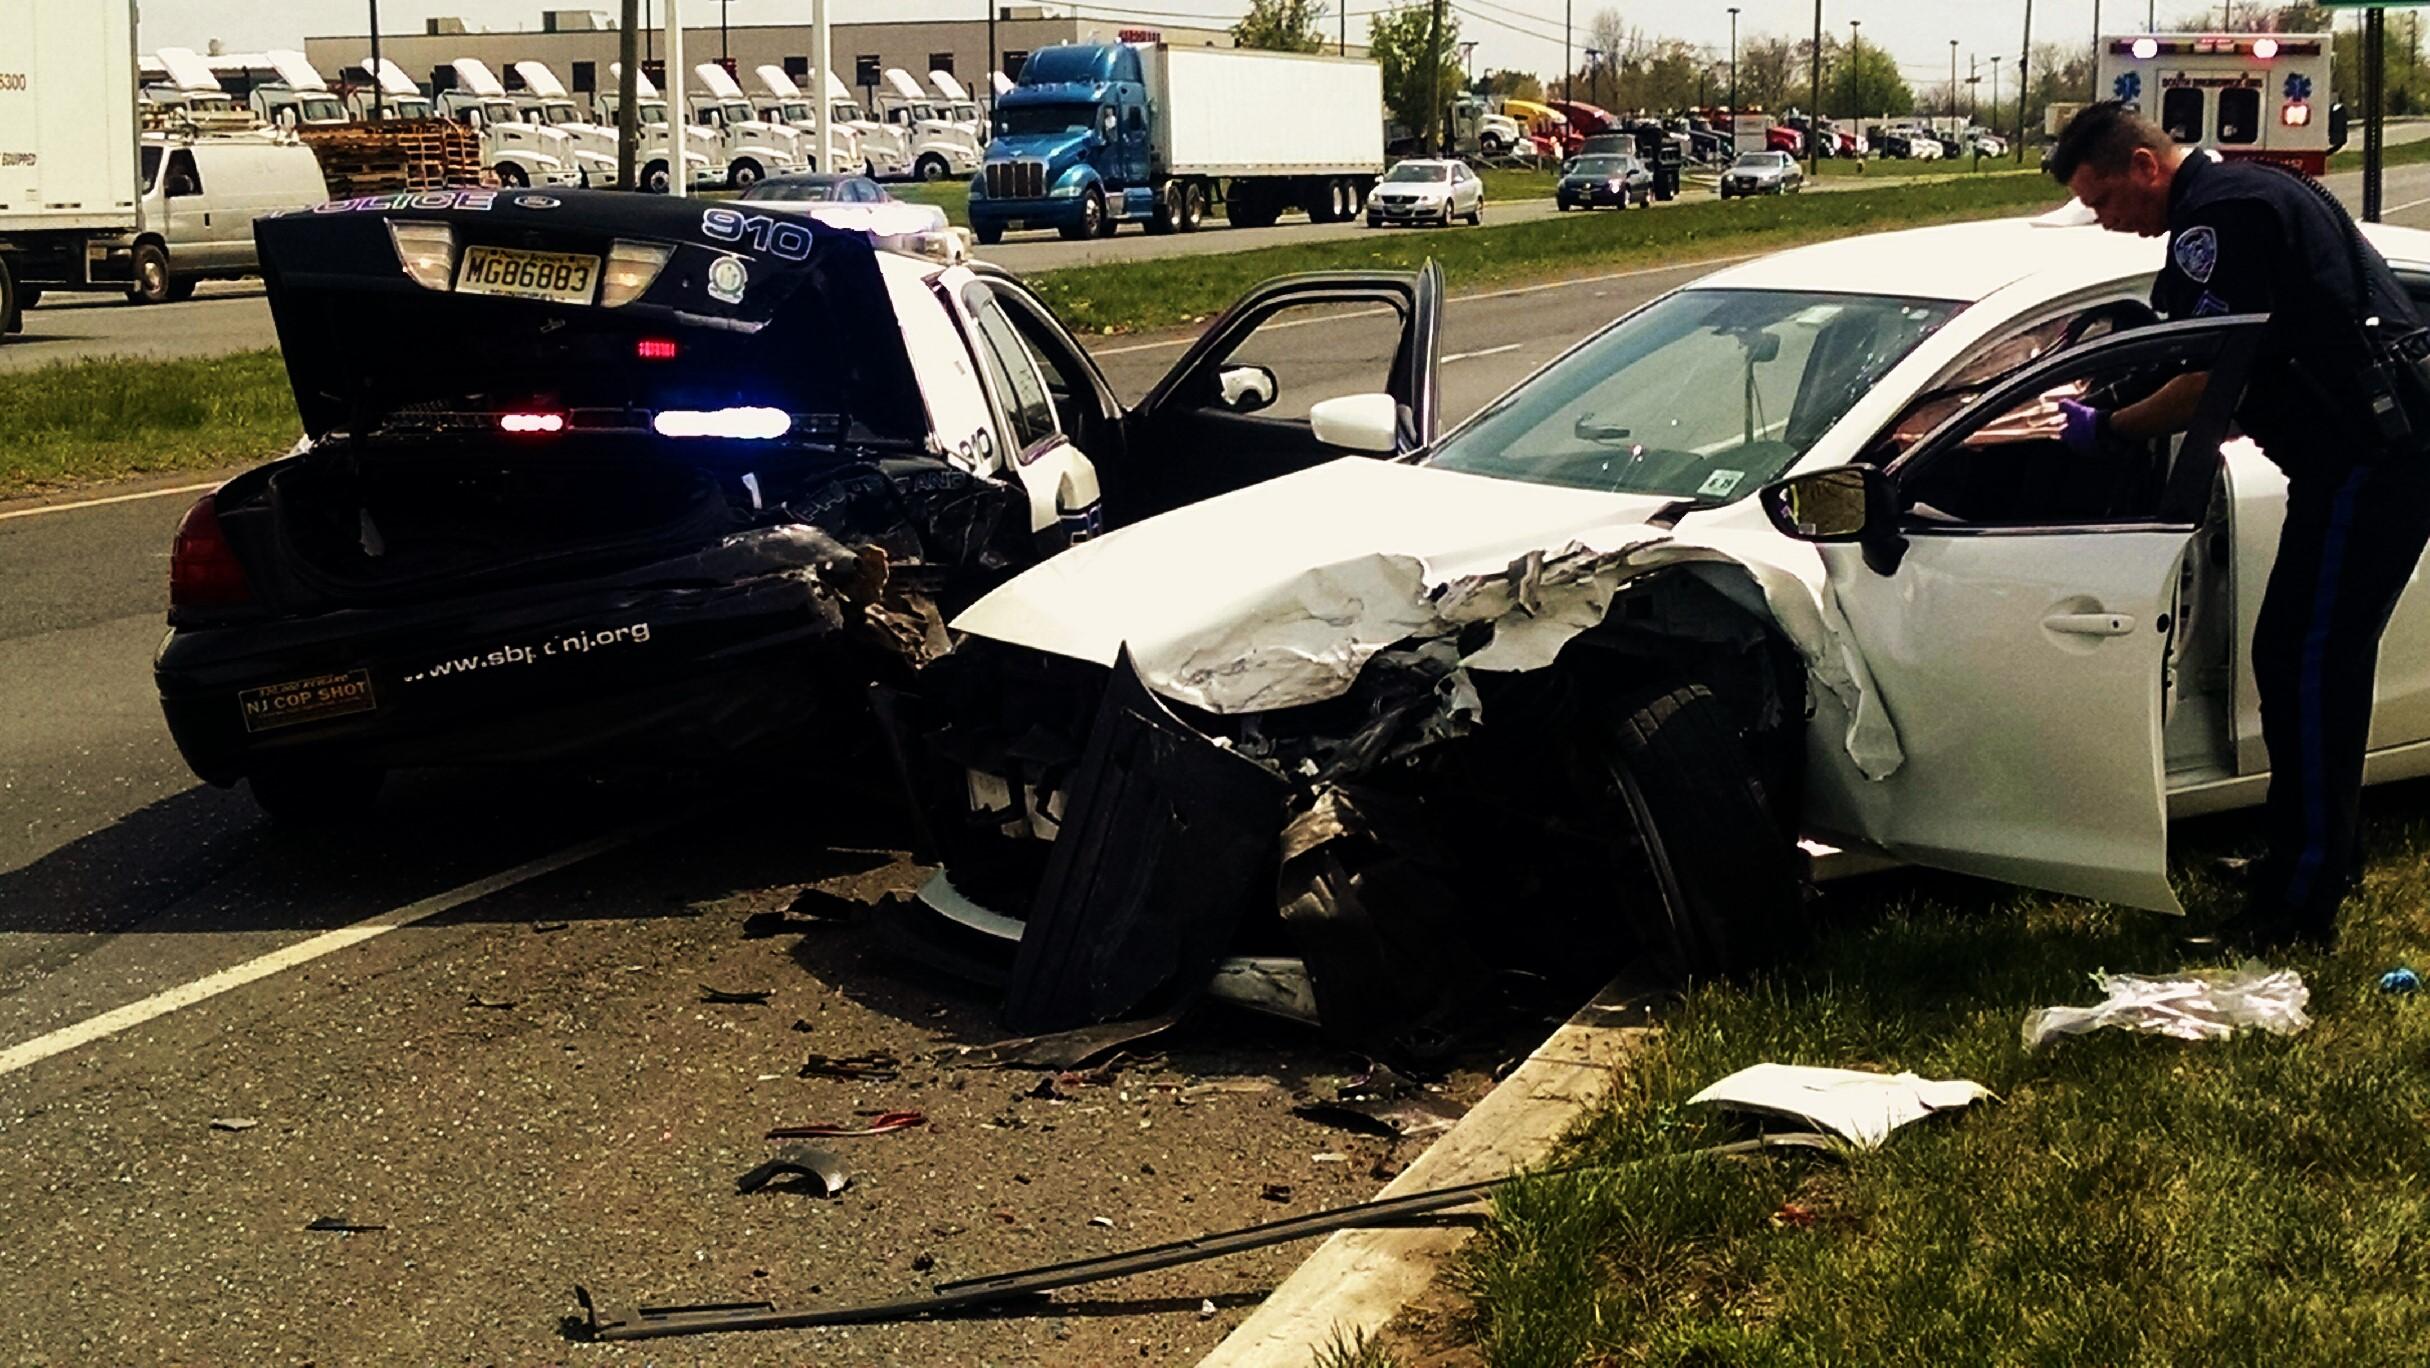 SB Police Continue Patrol Car Crash Investigation, Release Dashcam ...